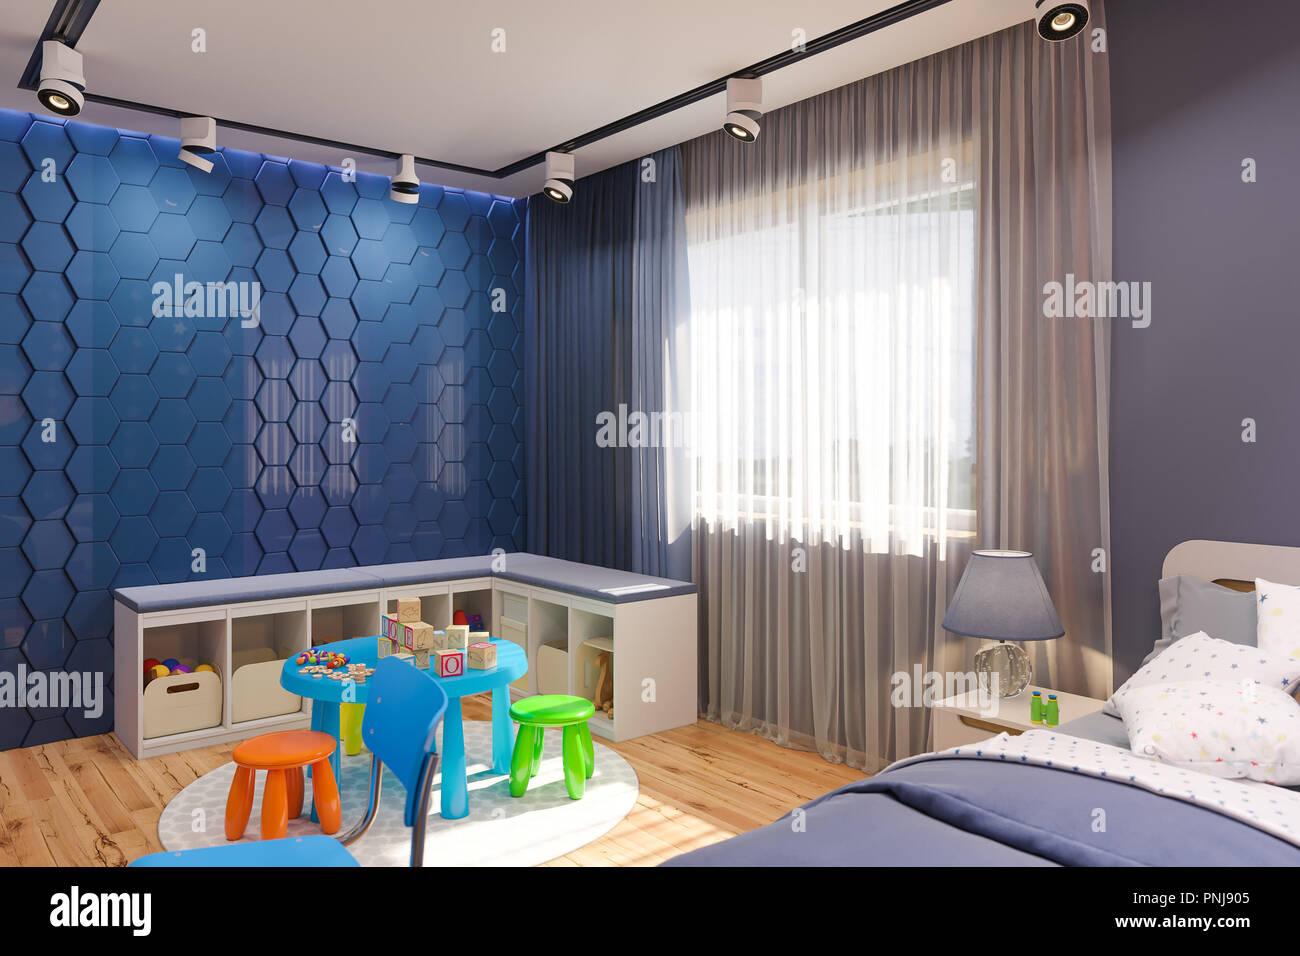 Colori Camera Ragazzi.3d Render Della Camera Dei Bambini In Colore Blu Scuro